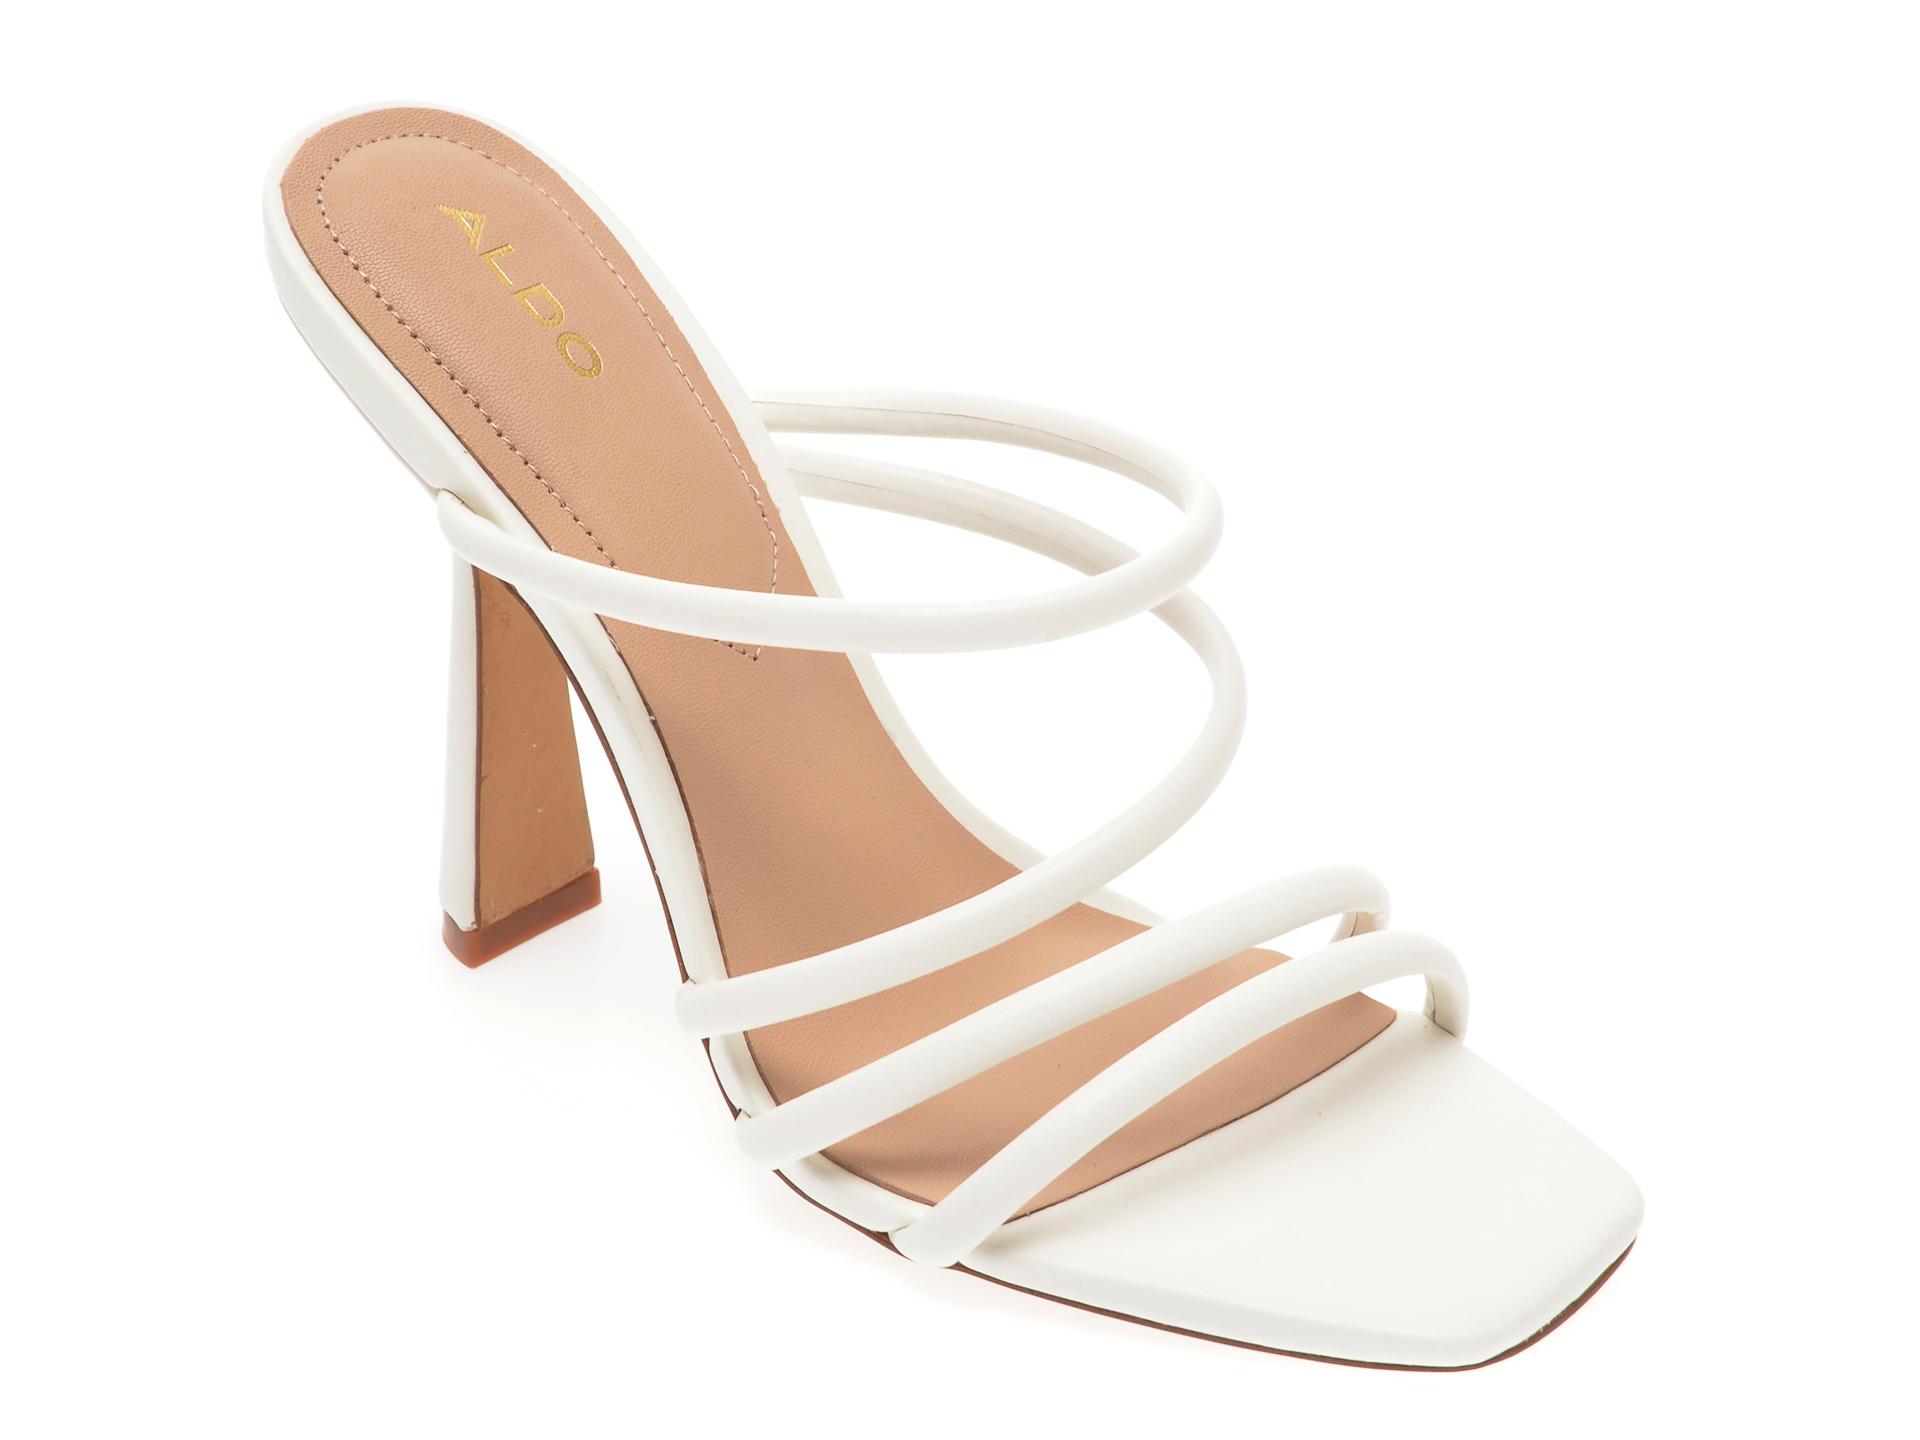 Papuci ALDO albi, Arianna100, din piele ecologica